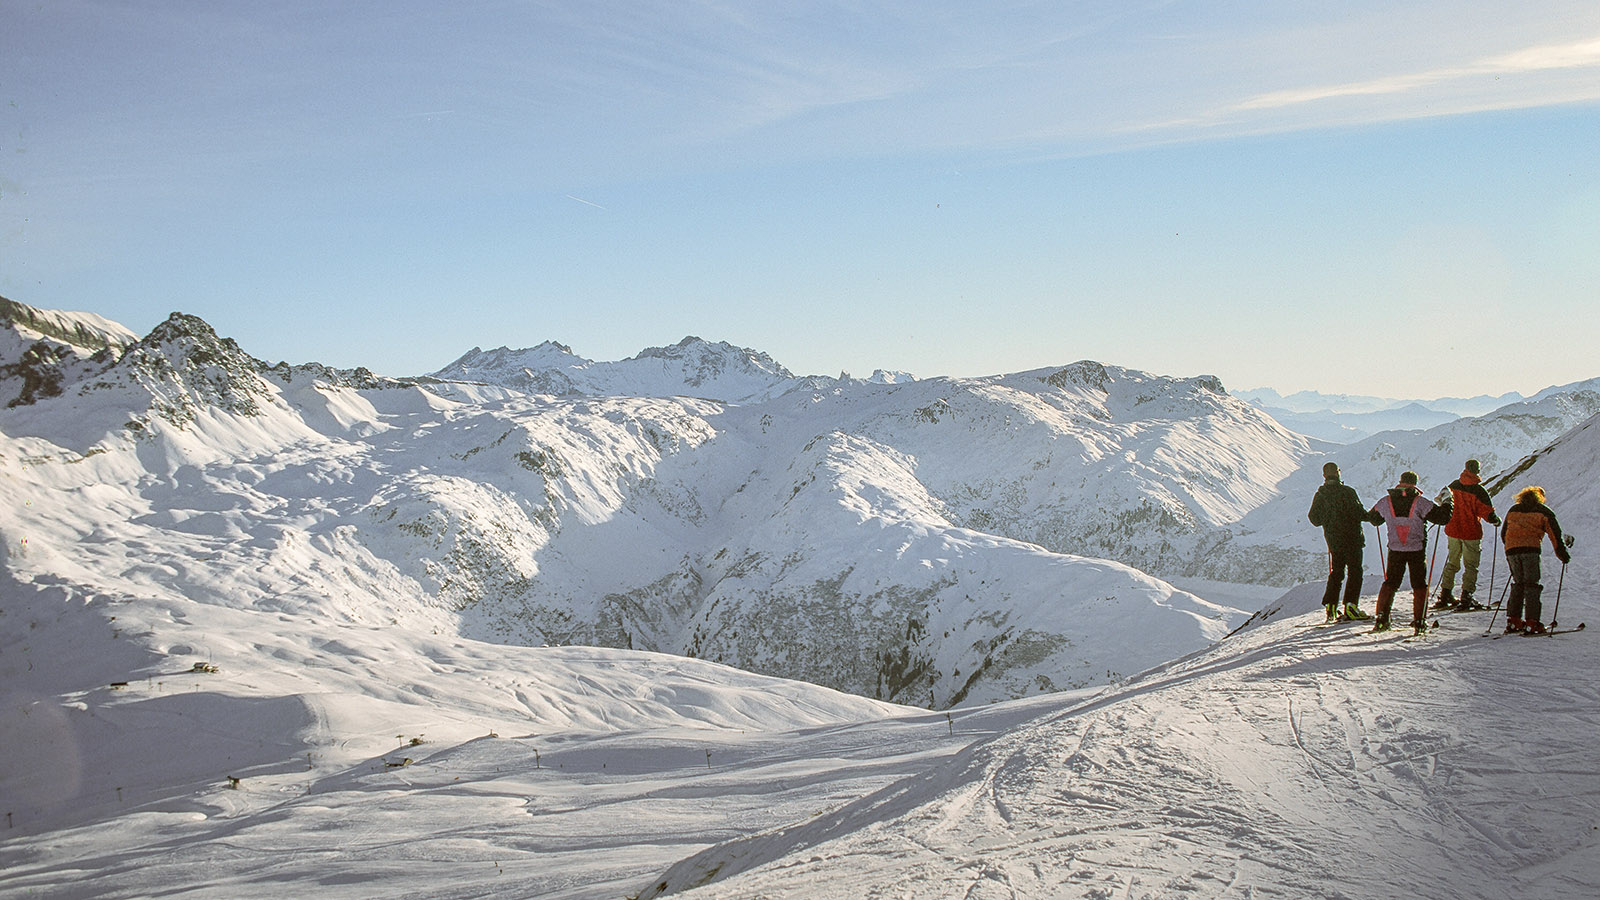 Im Skigebiet von Les Contamines-Montjoie eröffnen sich immer wieder traumhafte Panoramen. Foto: Hilke Maunder